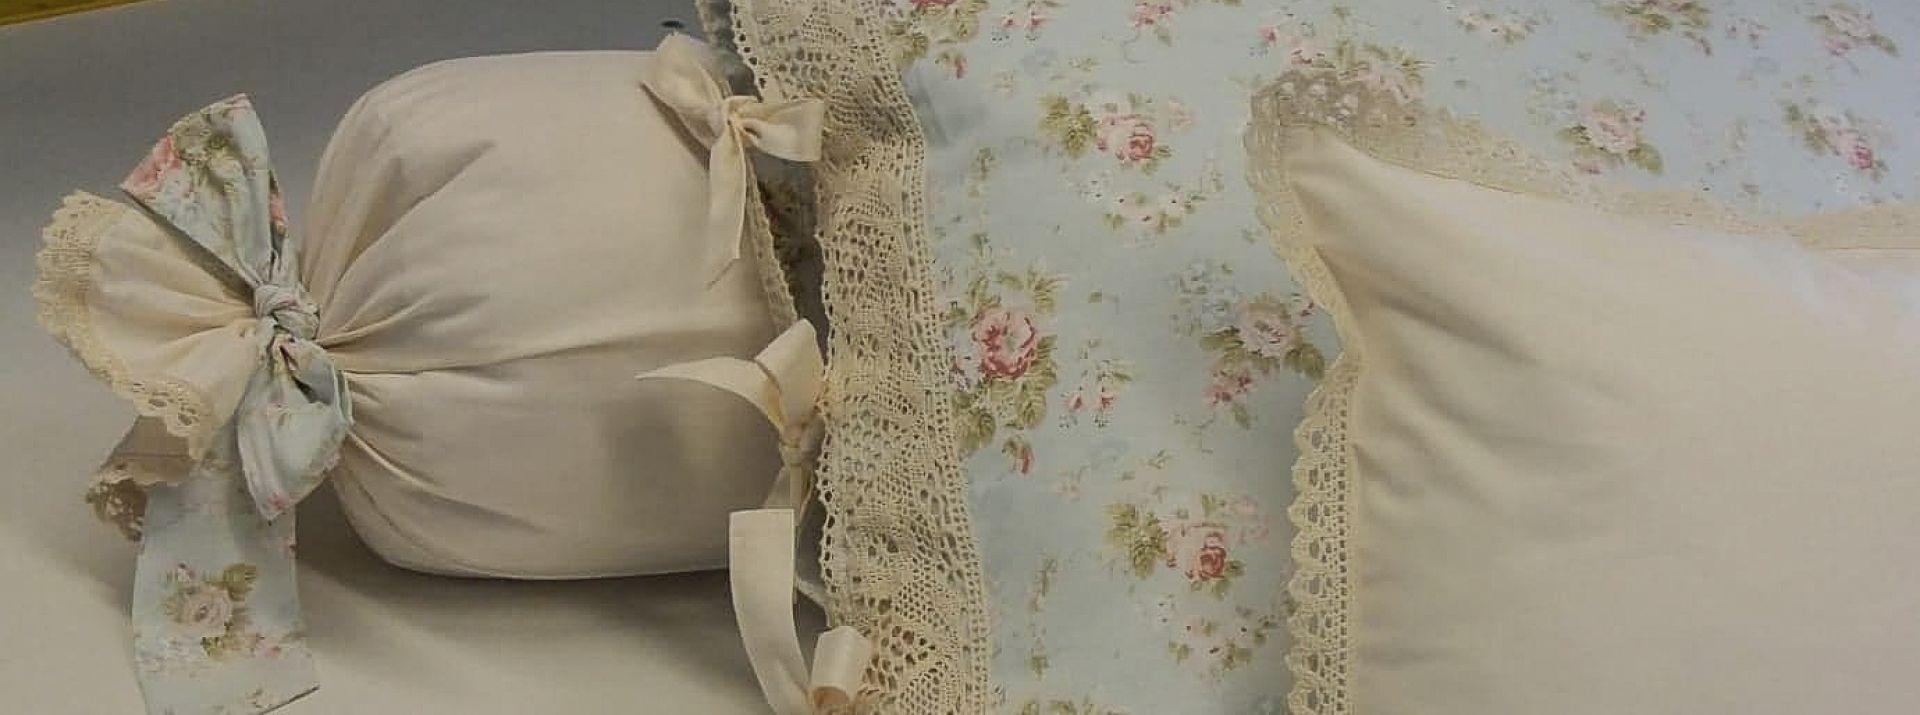 Bia Art Textil - pernițe decorative cu dantelă